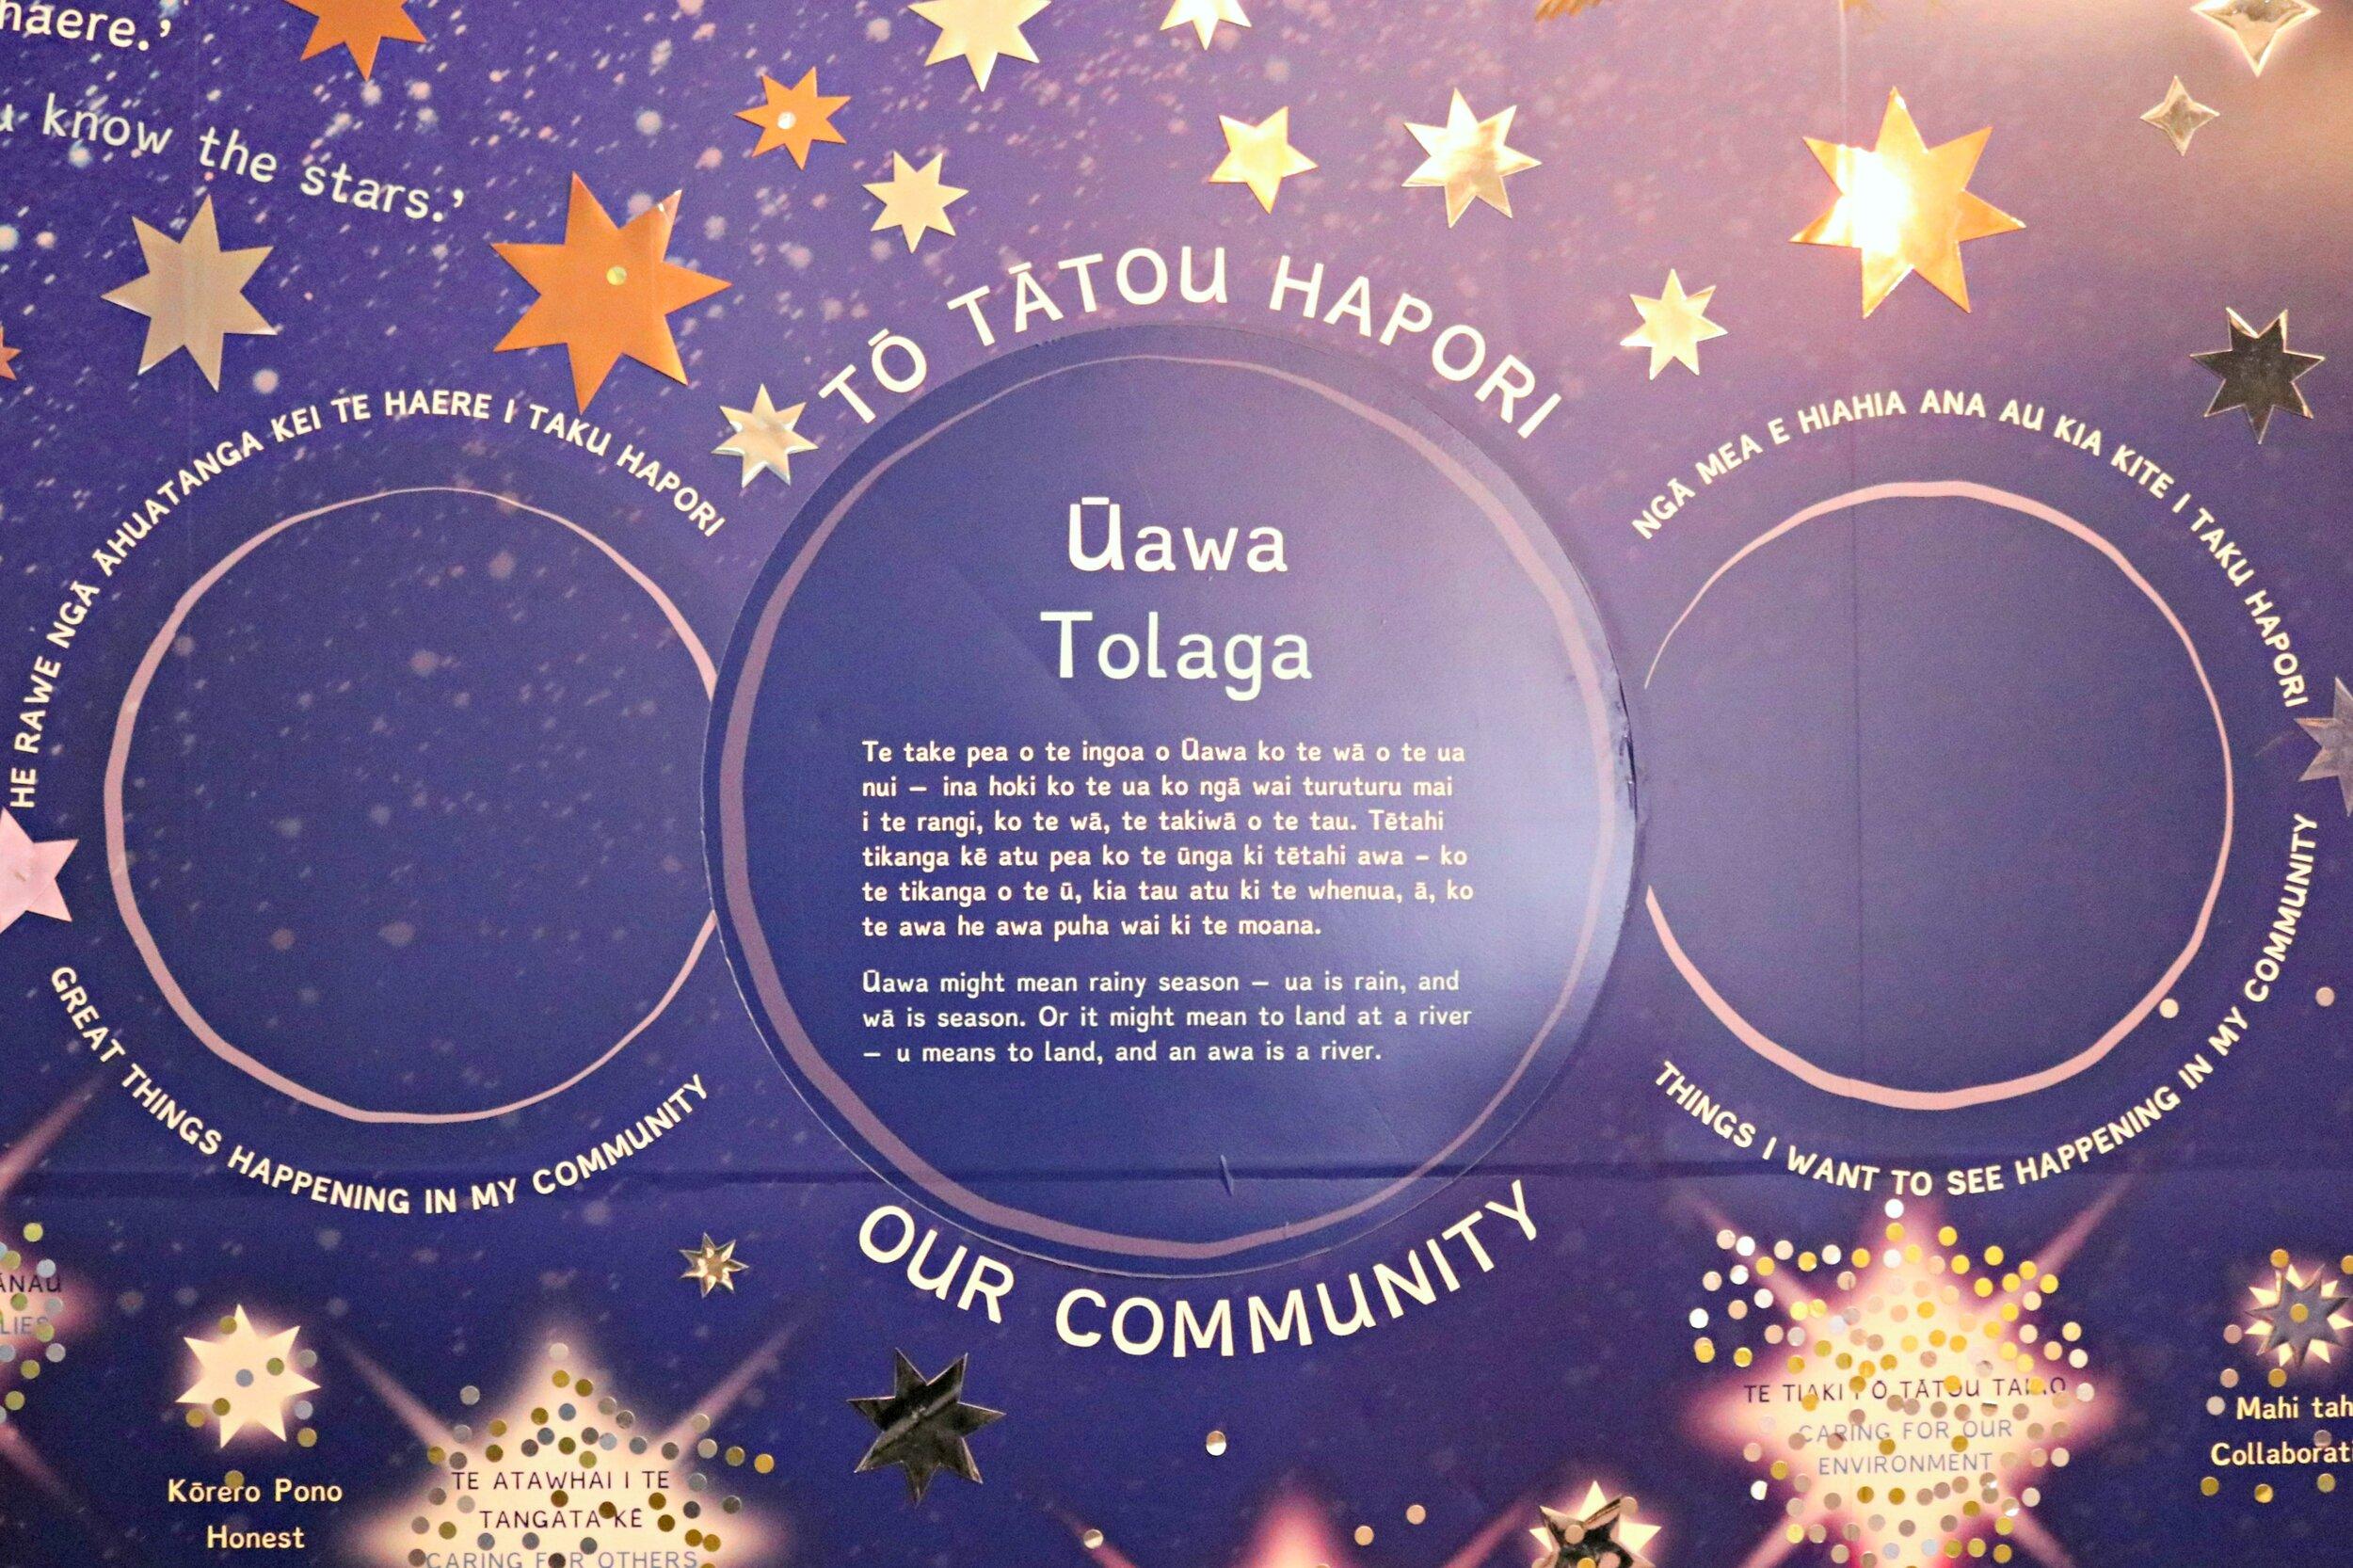 Uawa - Tolaga